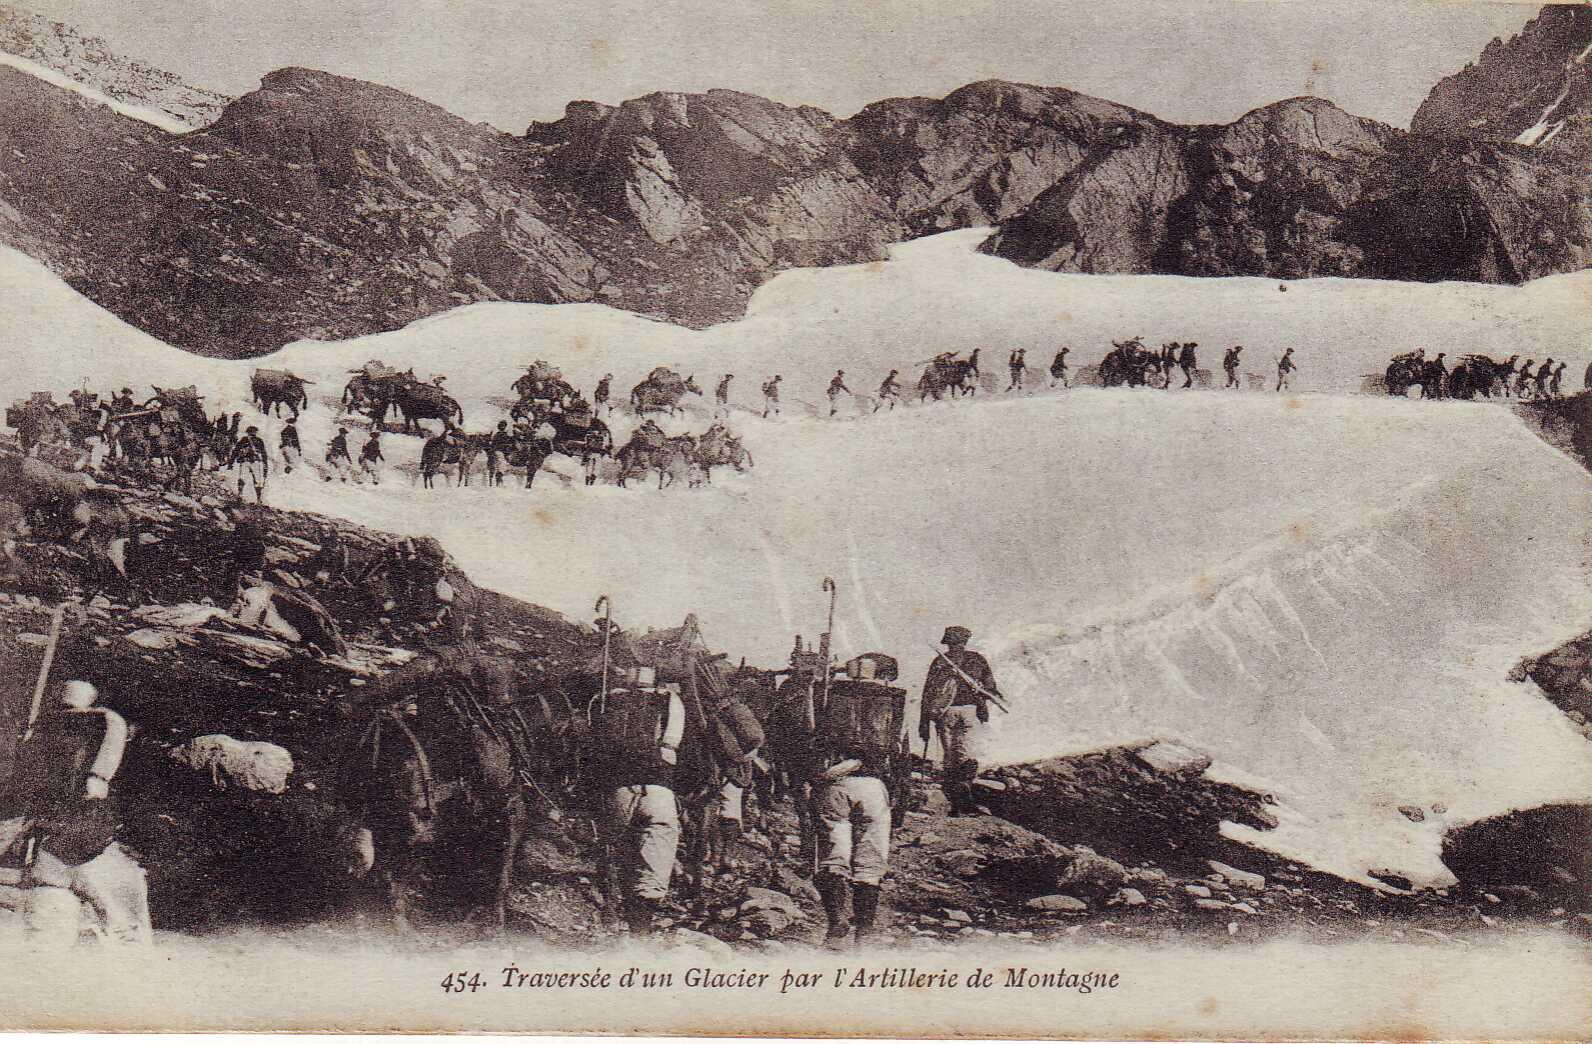 Traversee-Glacier-Artillerie-De-Montagne.jpg